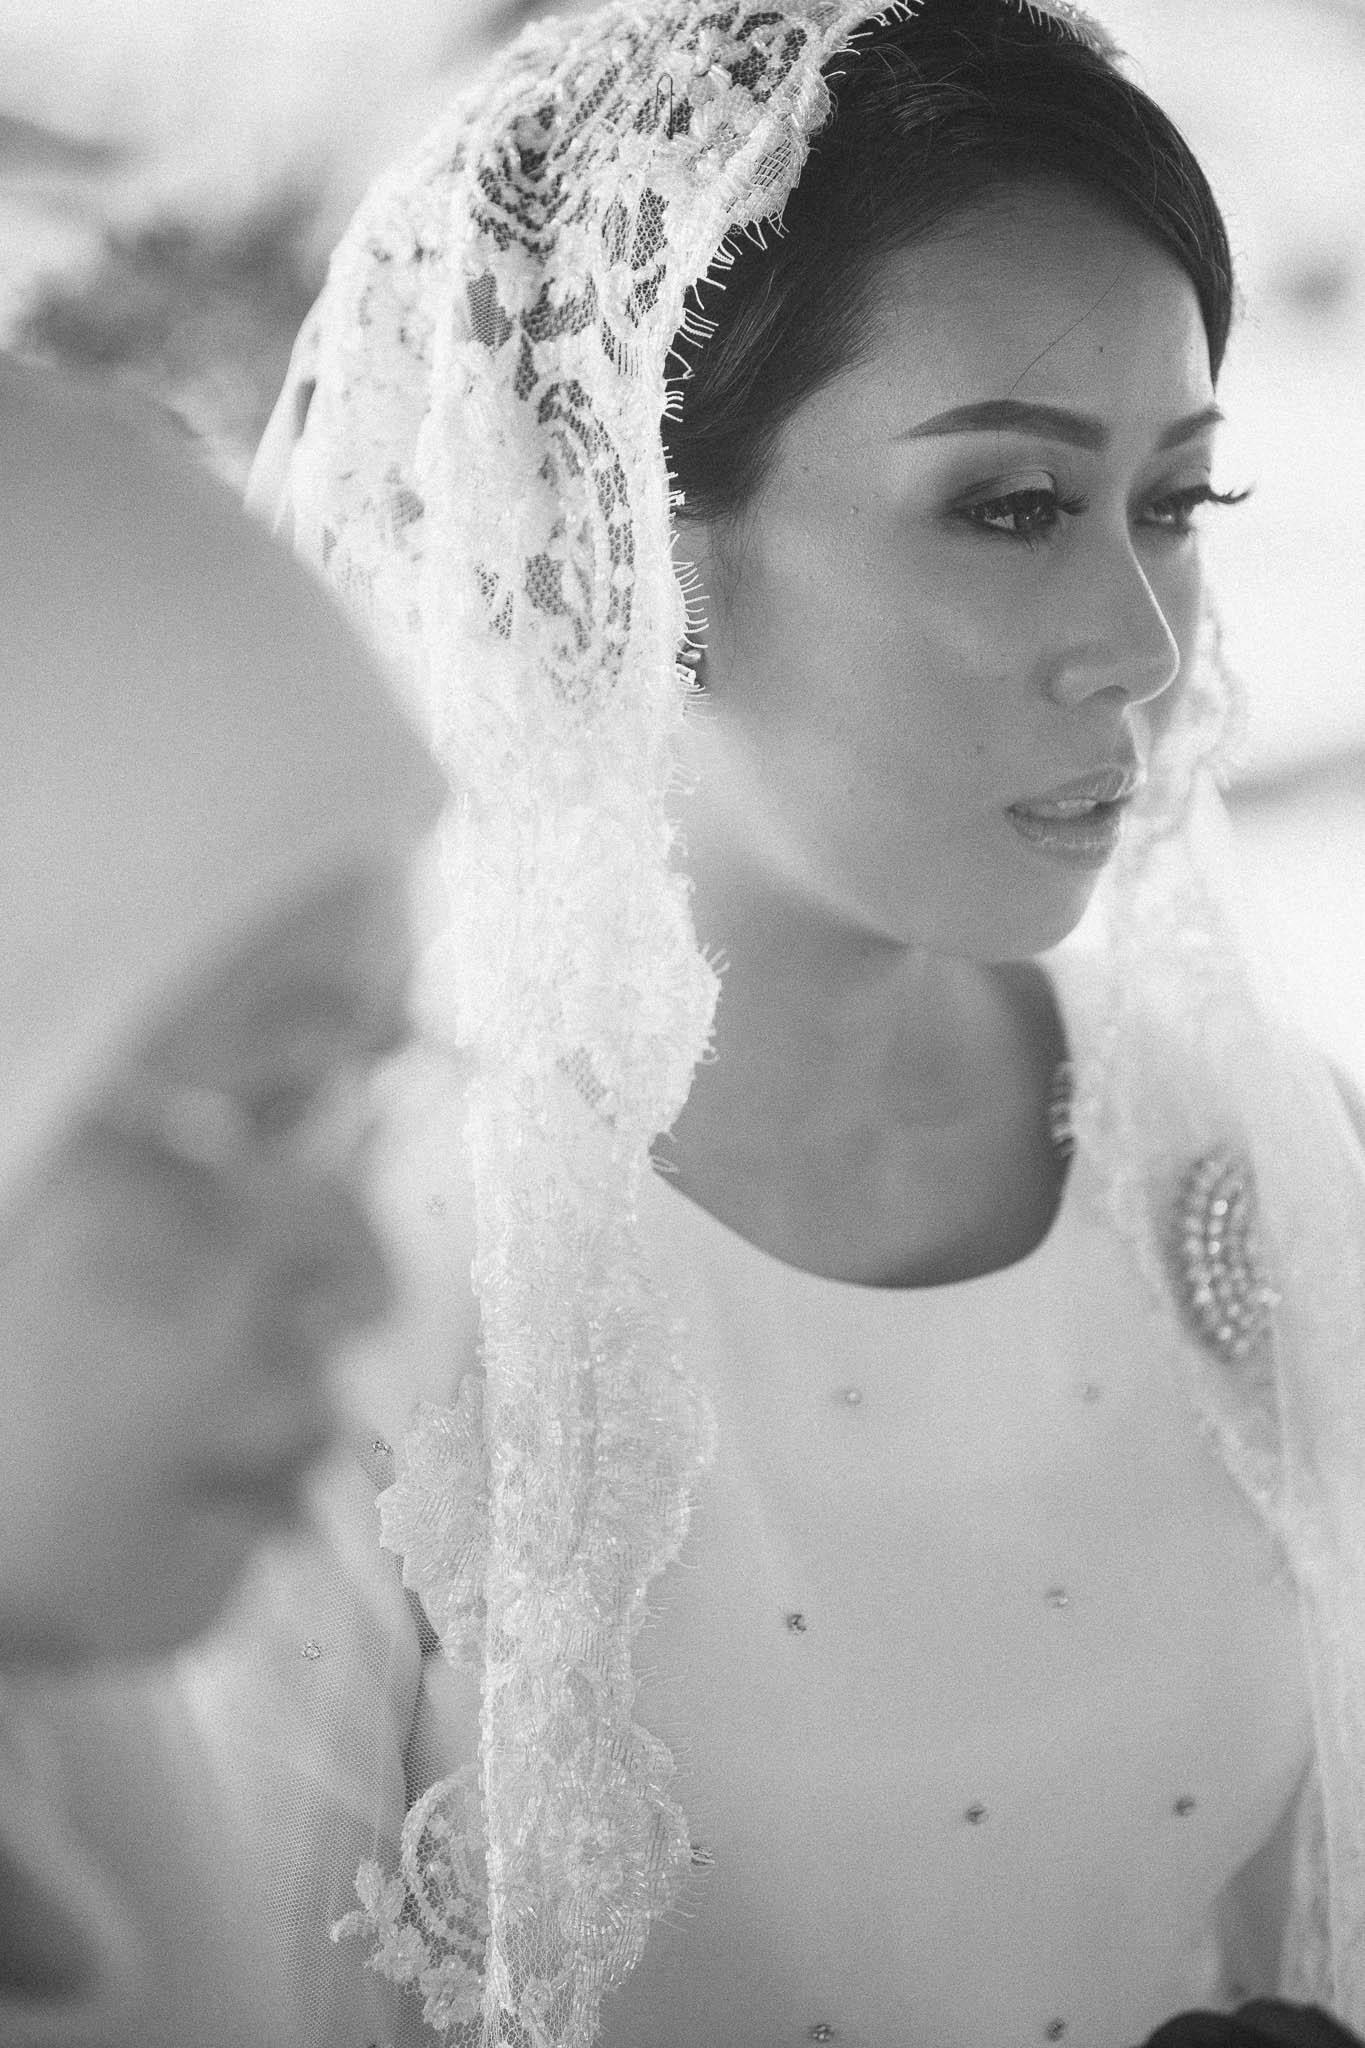 singapore-wedding-photographer-hafidz-hazlin-14.jpg